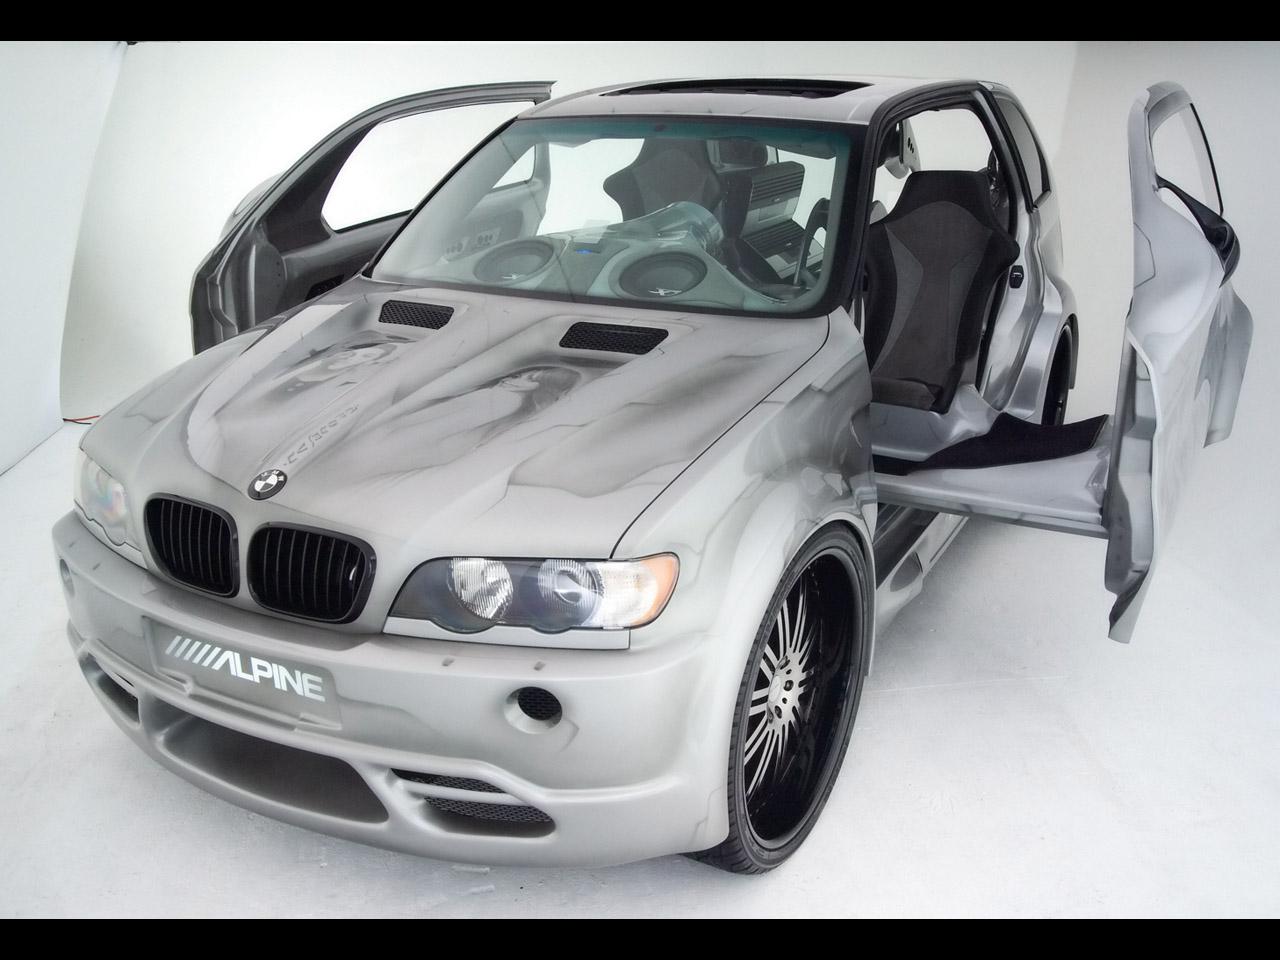 BMW X5 history photos on Better Parts LTD